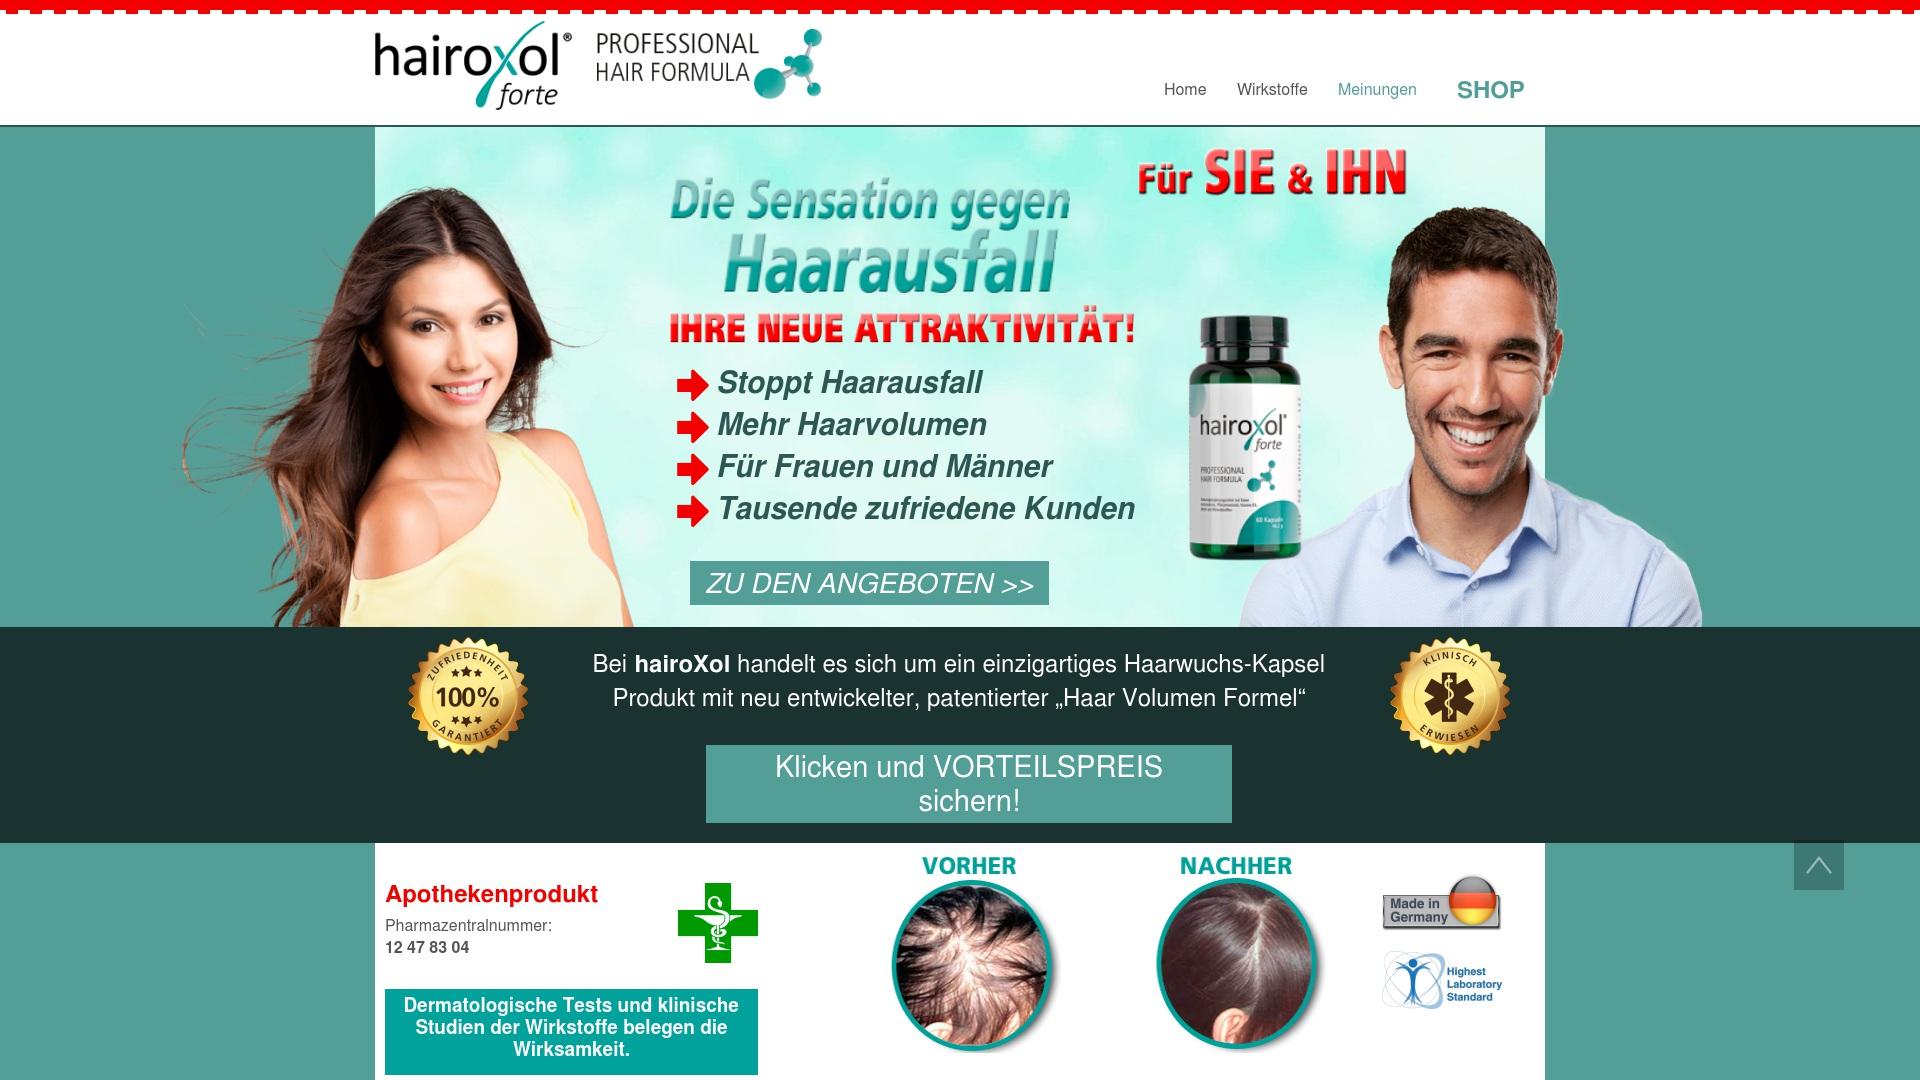 Gutschein für Hairoxol: Rabatte für  Hairoxol sichern